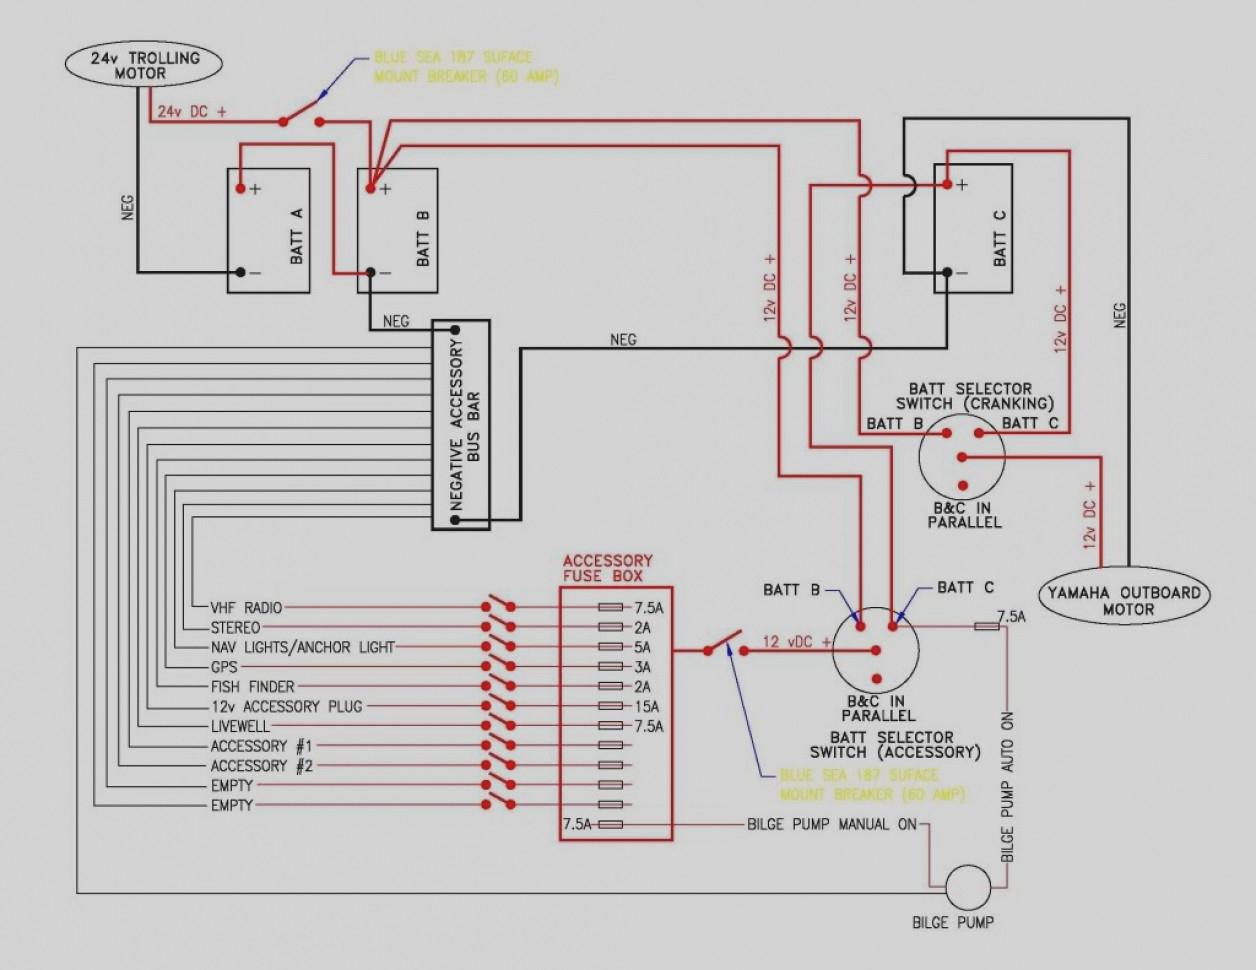 hight resolution of suzuki df140 wiring diagram free wiring diagram